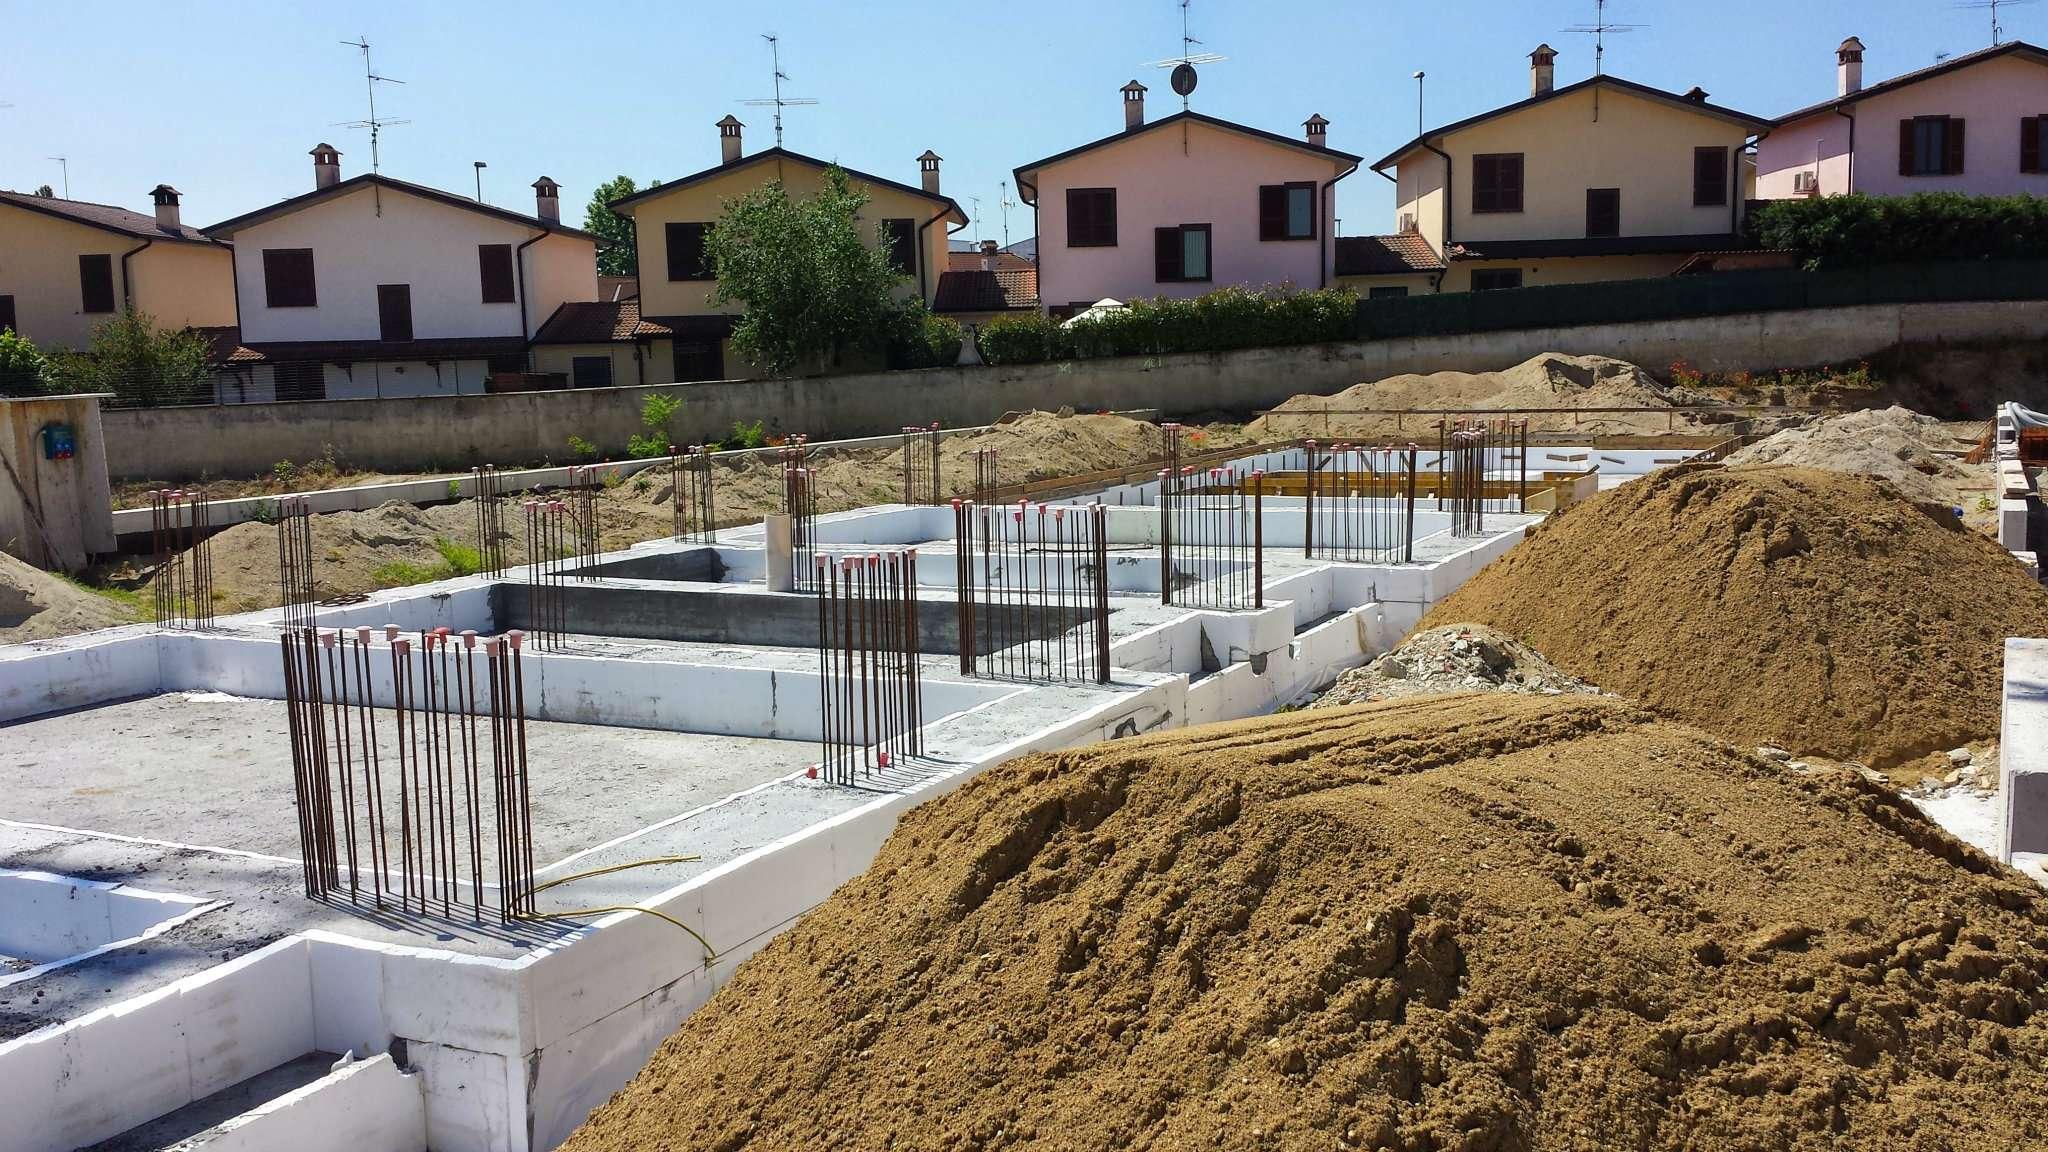 Villa in vendita a Melegnano, 5 locali, prezzo € 310.000 | PortaleAgenzieImmobiliari.it